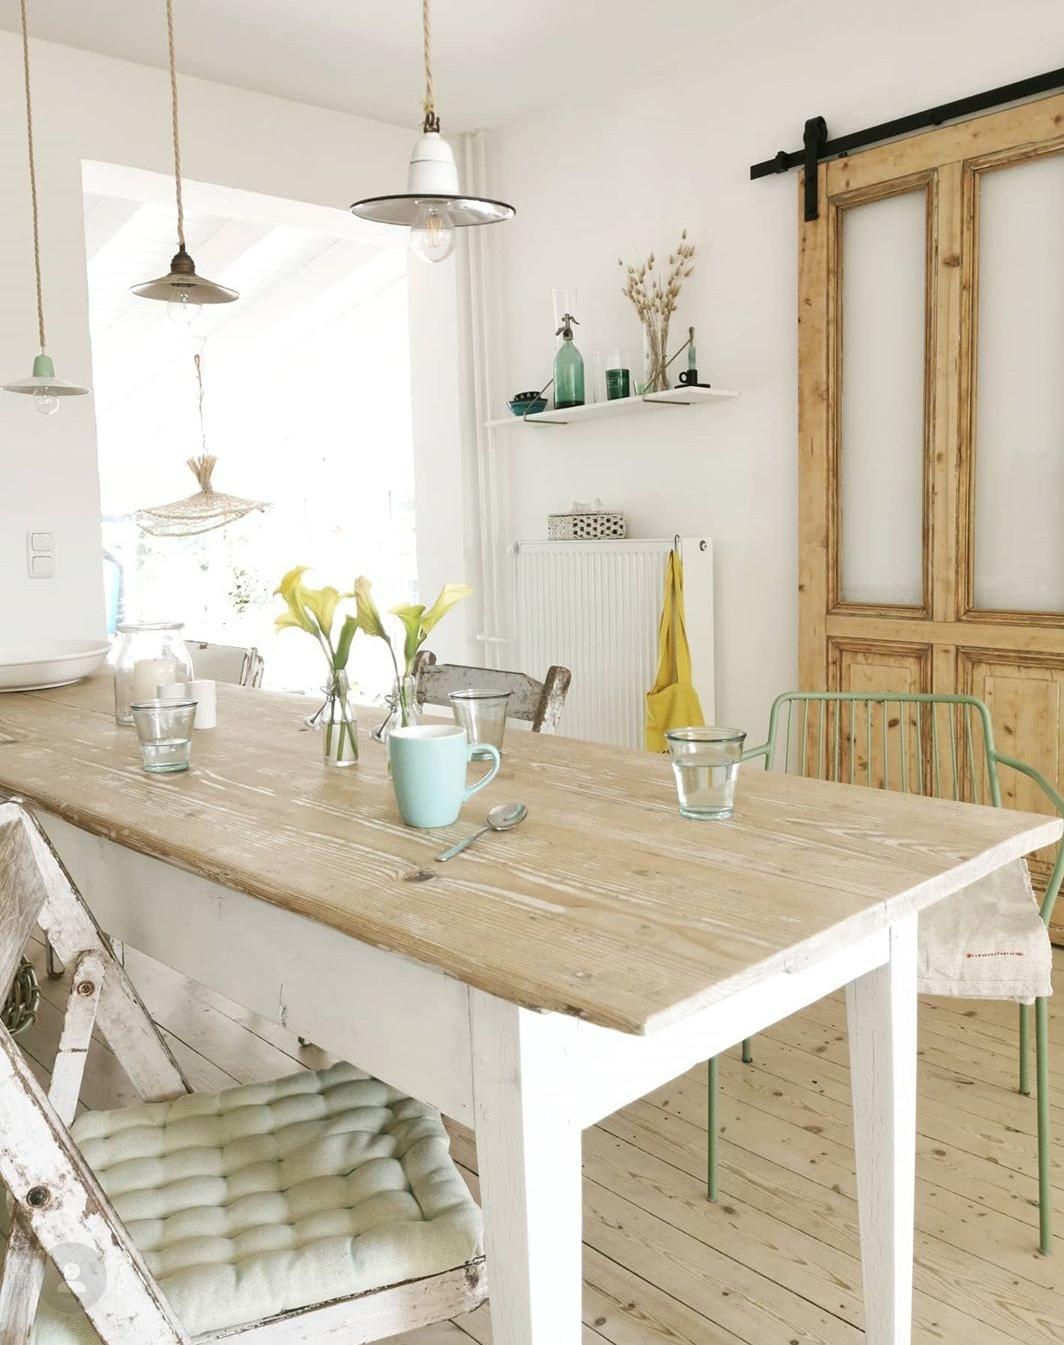 offene Wohnküche mit Schiebetür aus Holz